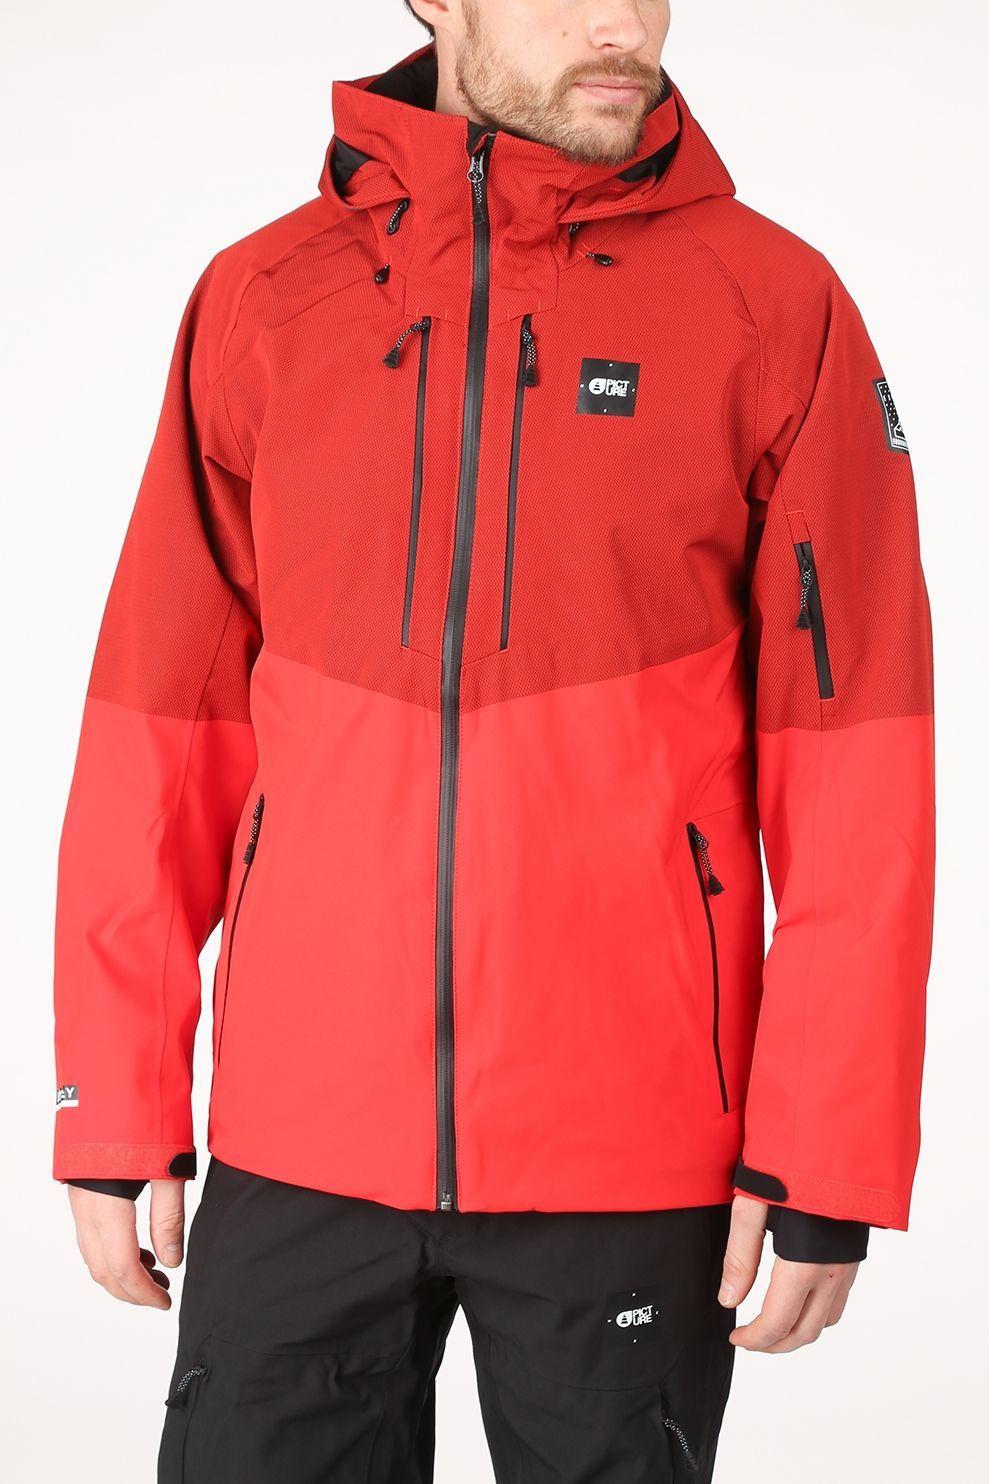 Picture Organic Clothing Jas Goods Jacket voor heren - Rood - Maten: S, M, L, XL